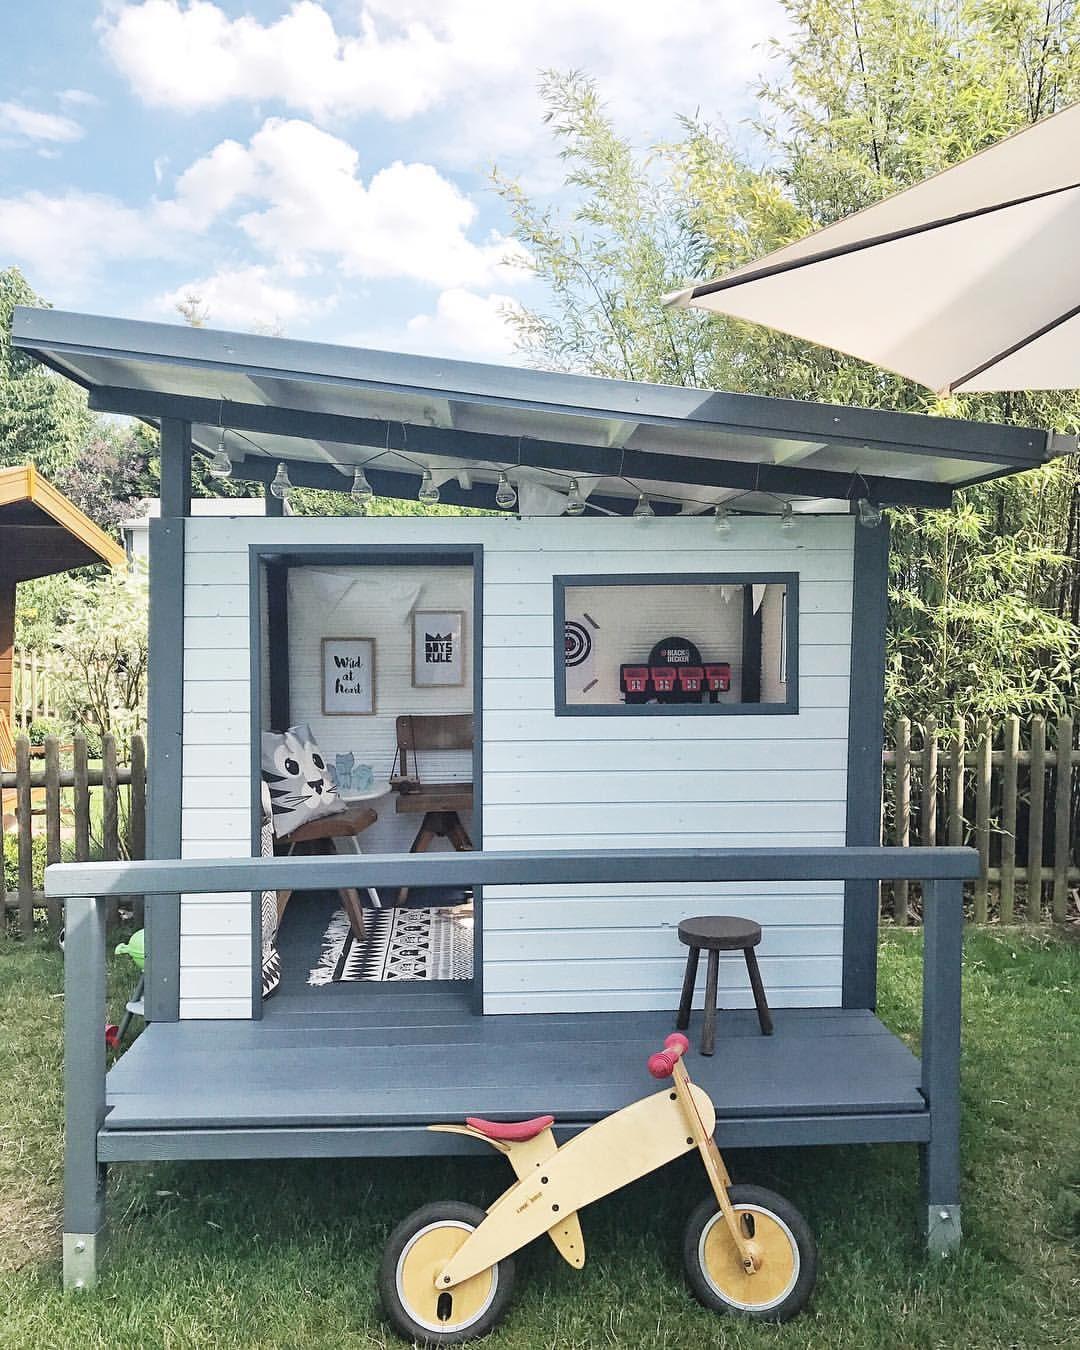 Diy Garden Playhouse Garten Spielhaus Moderner Hinterhof Gartenspielhaus Hintergarten